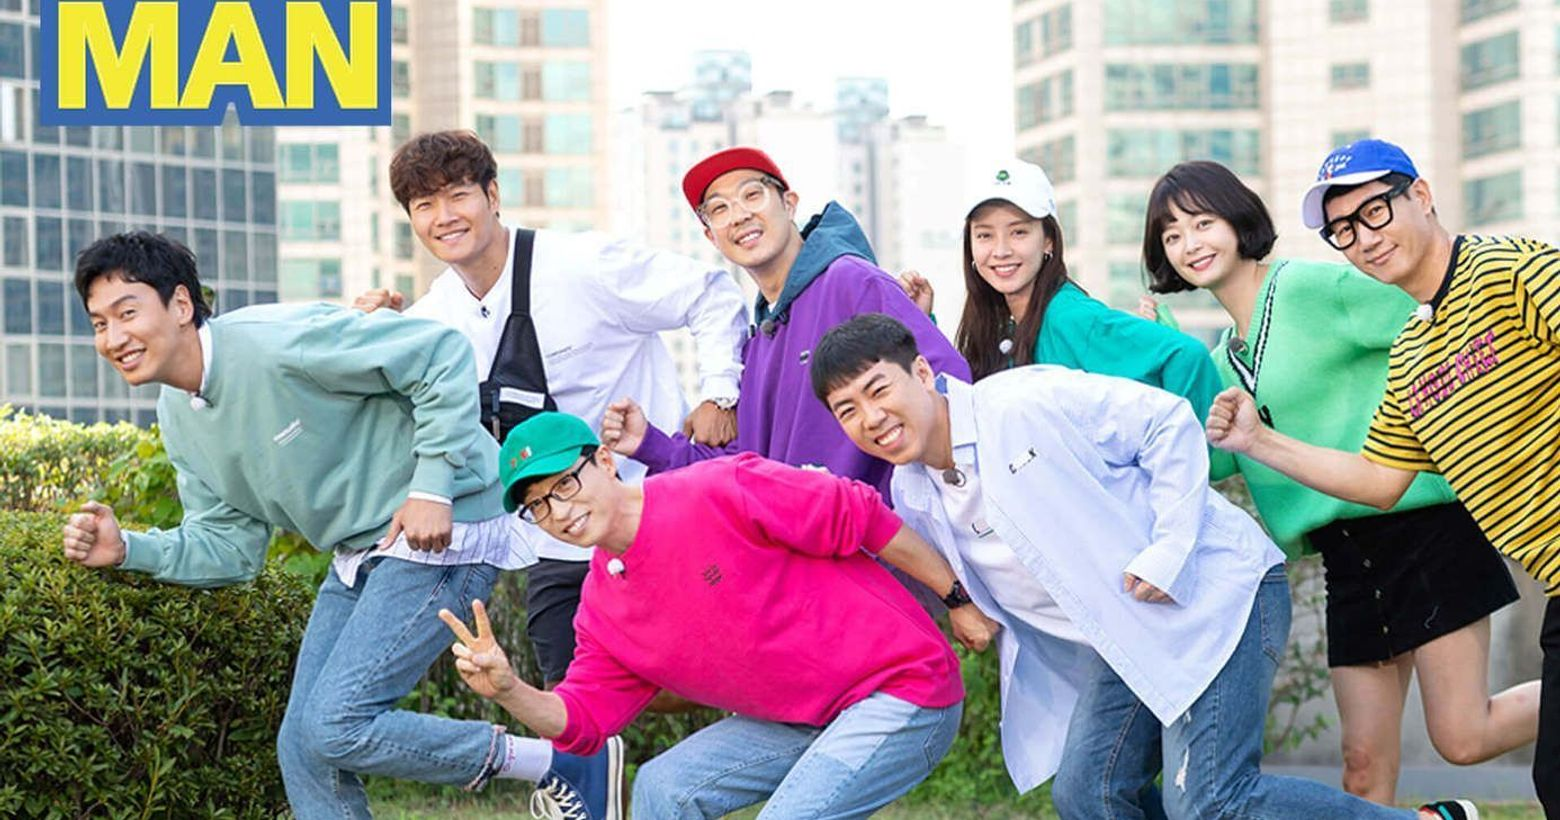 【戲劇人生】韓綜RM老粉排行,回顧2020搞笑場面Top5#凱倫的戲劇人生韓國綜藝RunningMa